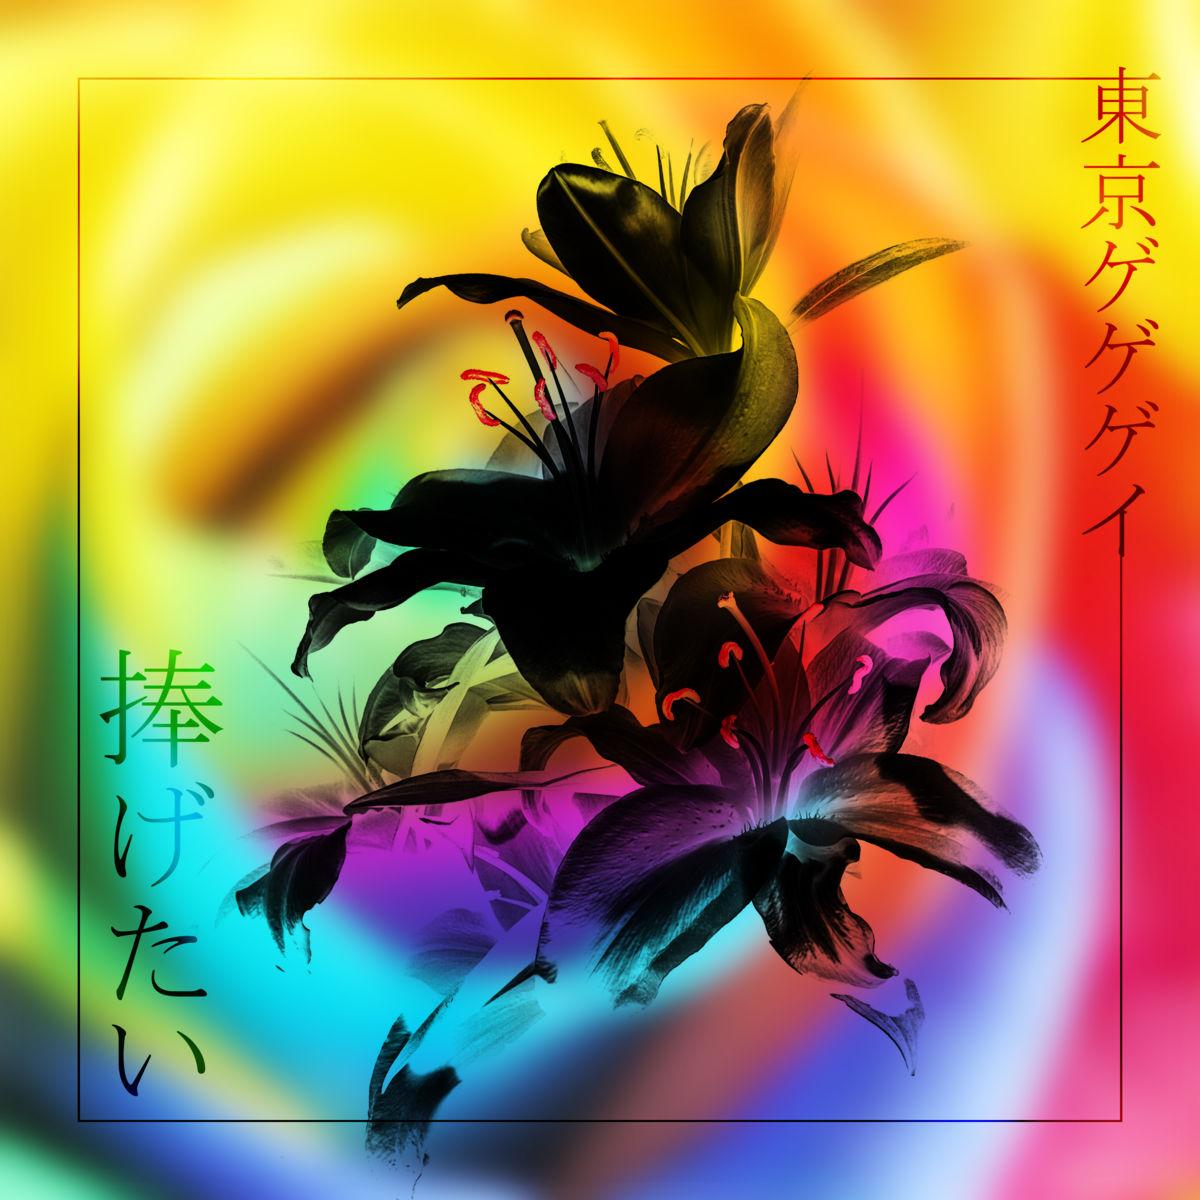 『東京ゲゲゲイ - Sense of immorality』収録の『捧げたい』ジャケット